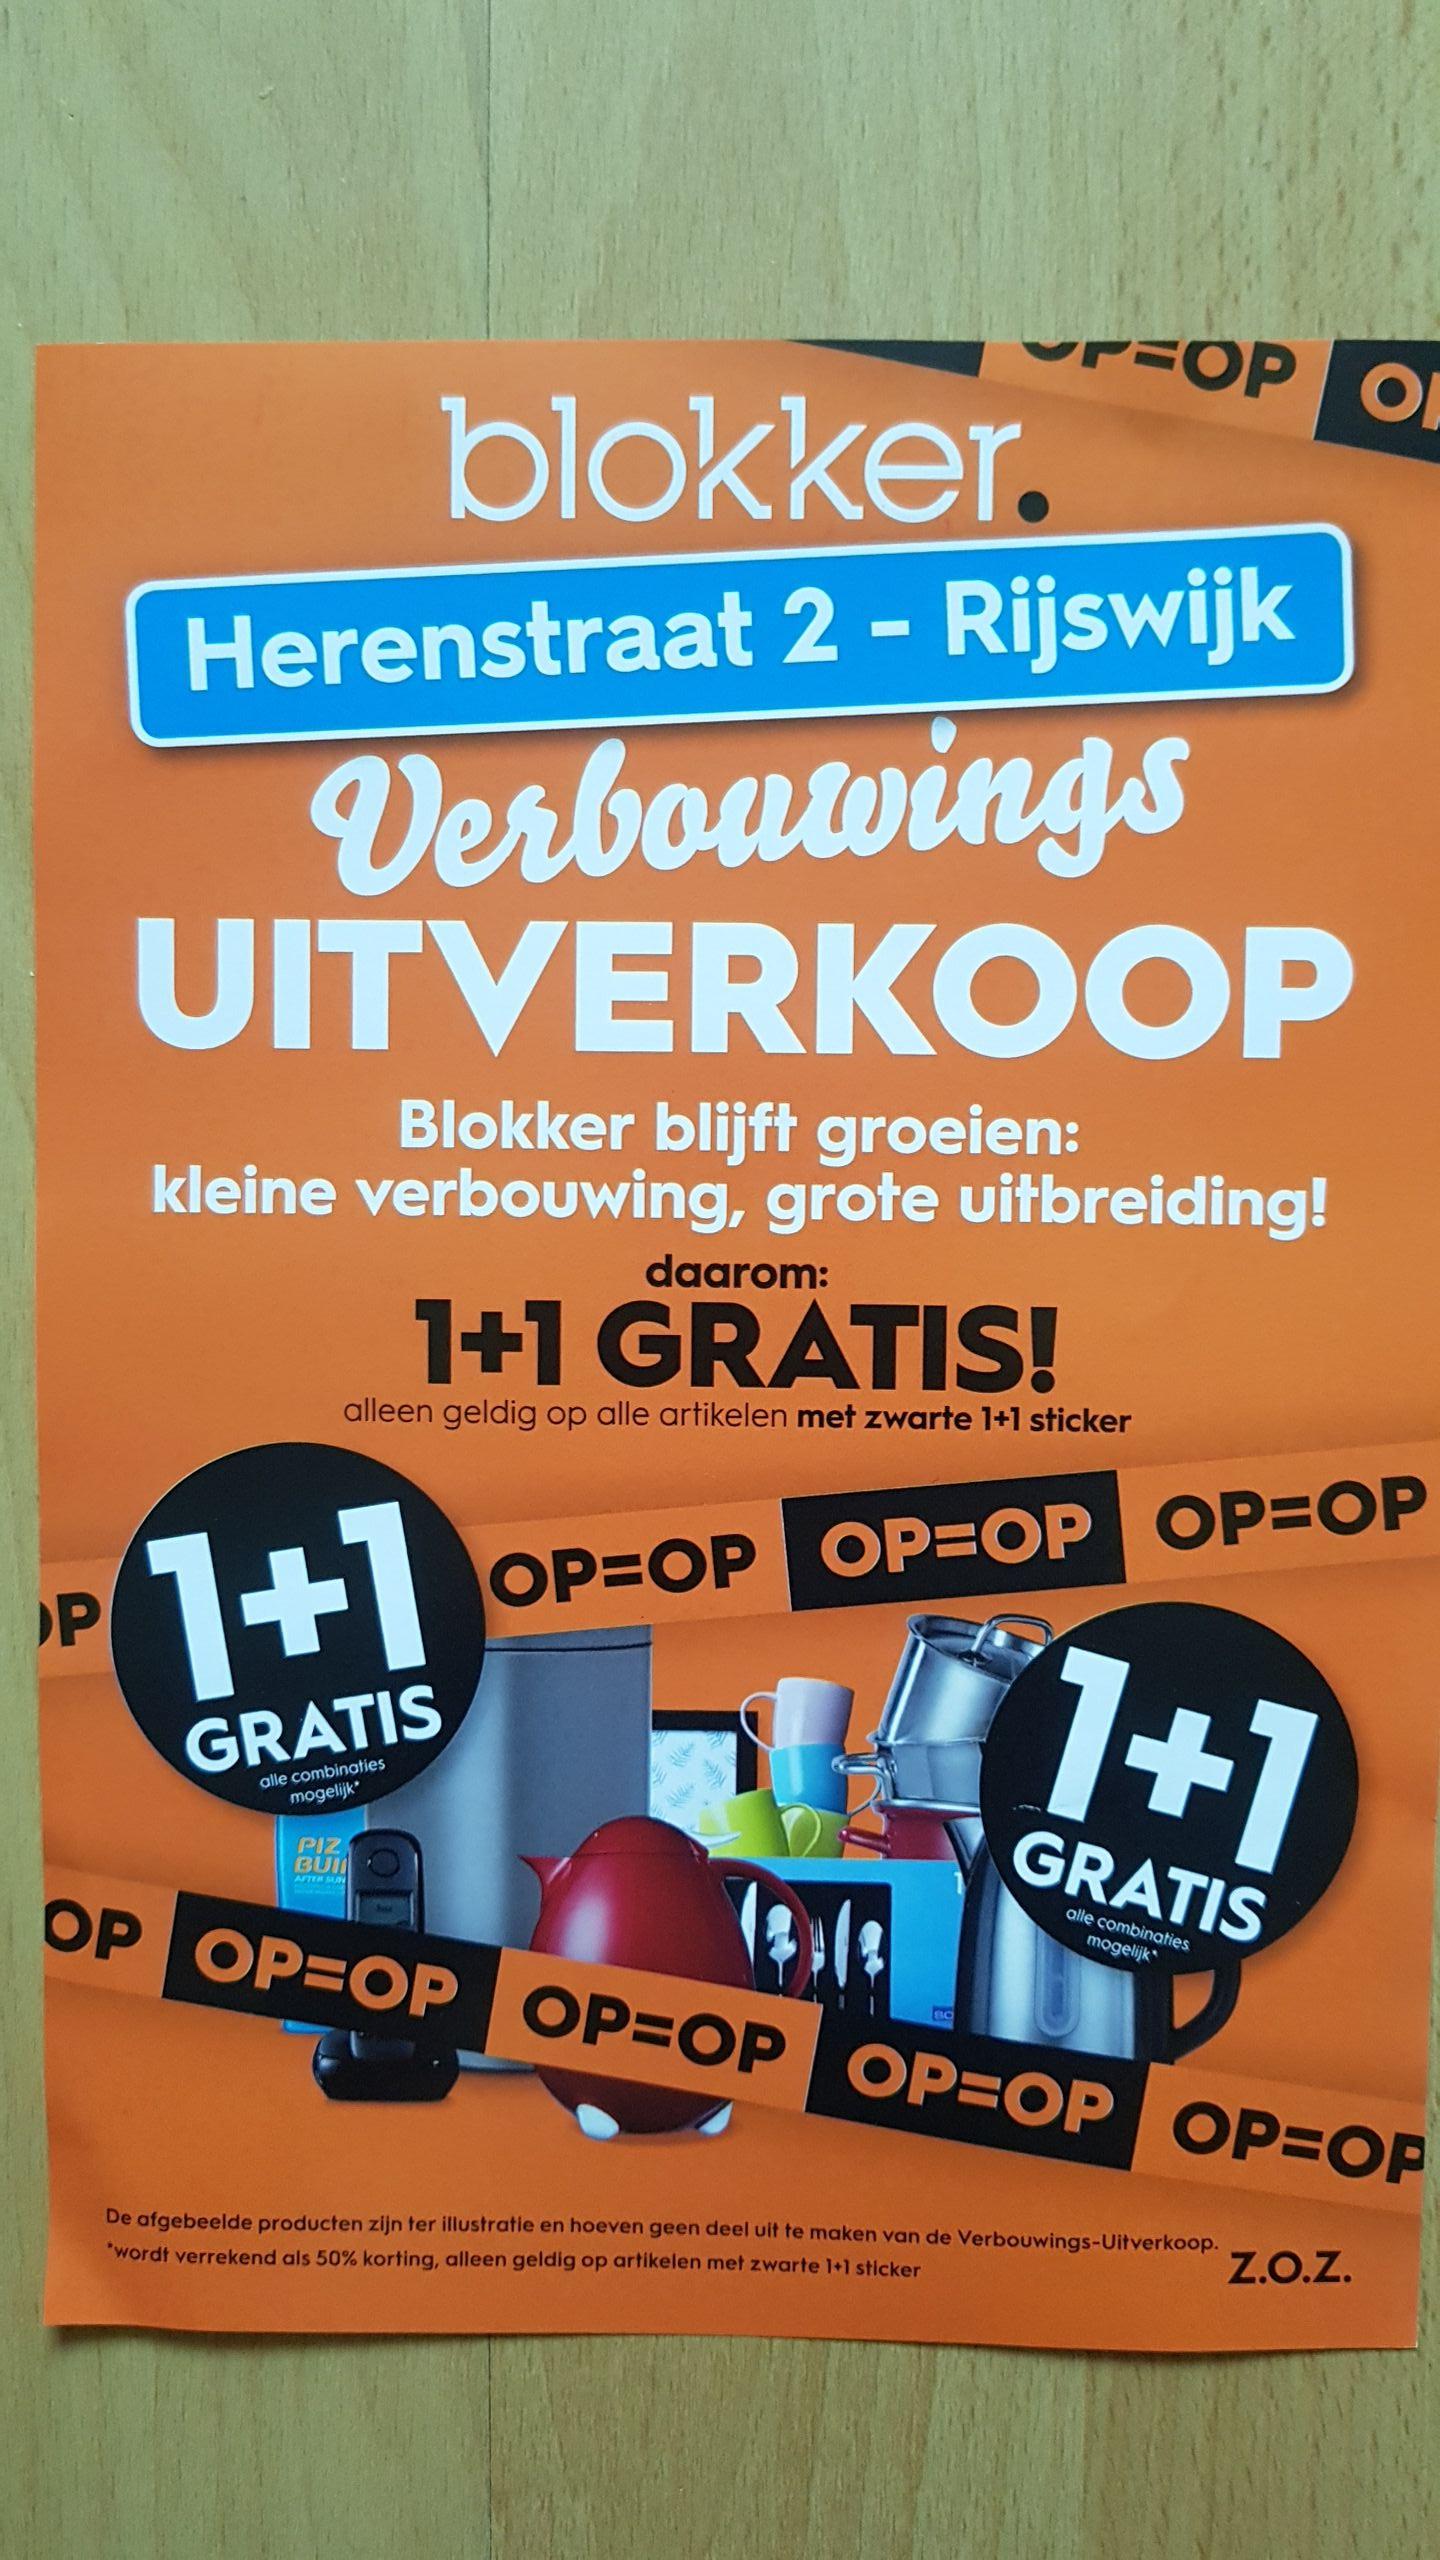 @Blokker, verbouwings uitverkoop Rijswijk 1+1 gratis